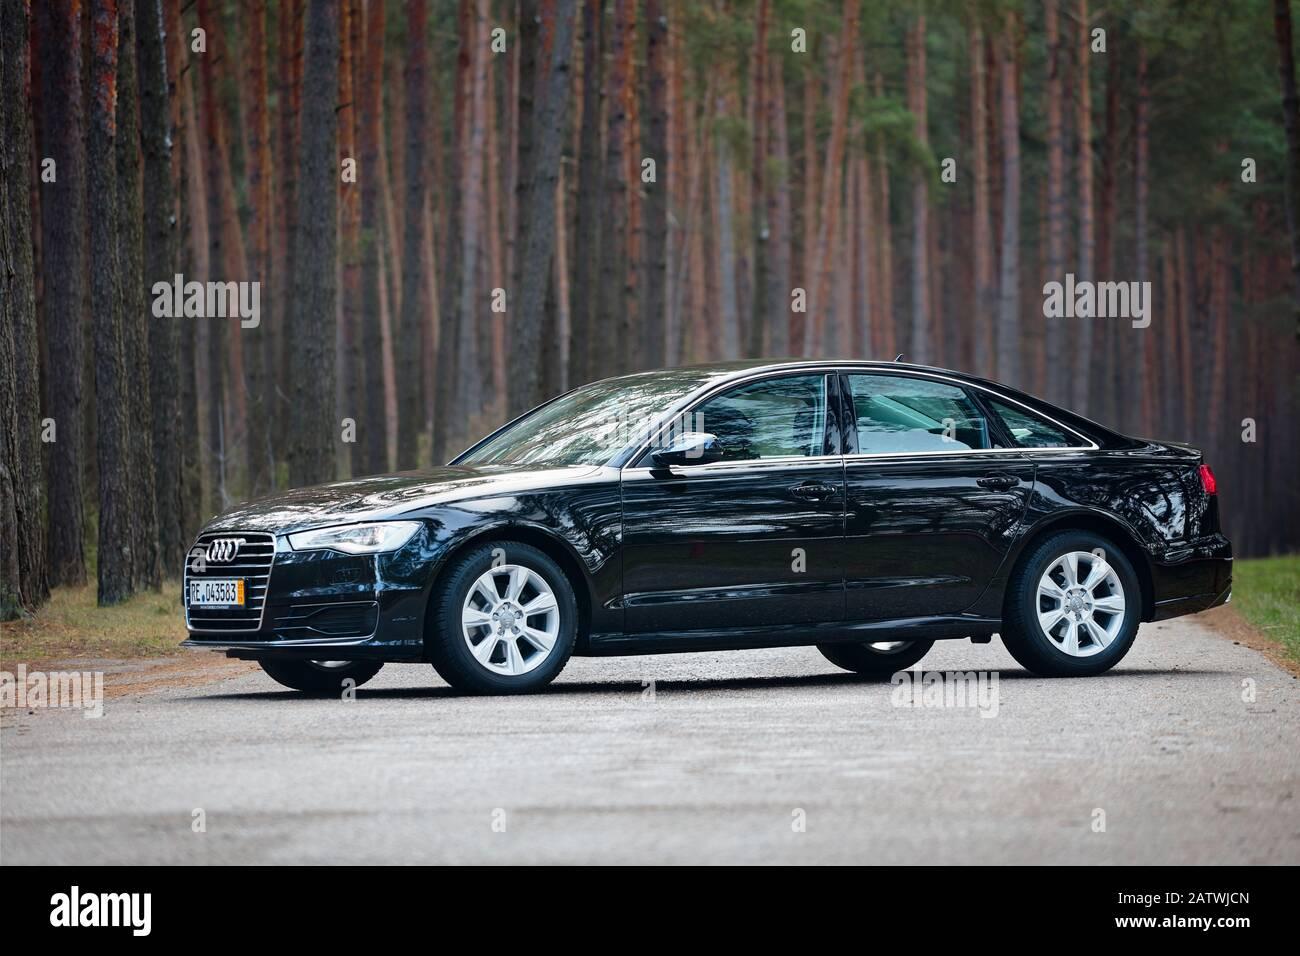 Kelebihan Kekurangan Audi 4G Harga